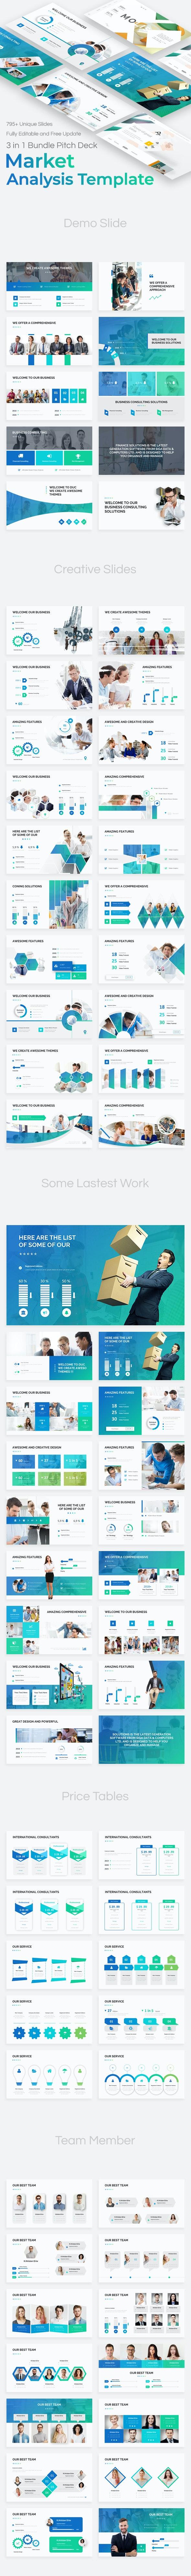 3 in 1 Bundle Market Analysis Google Slide Bundle Template - Google Slides Presentation Templates